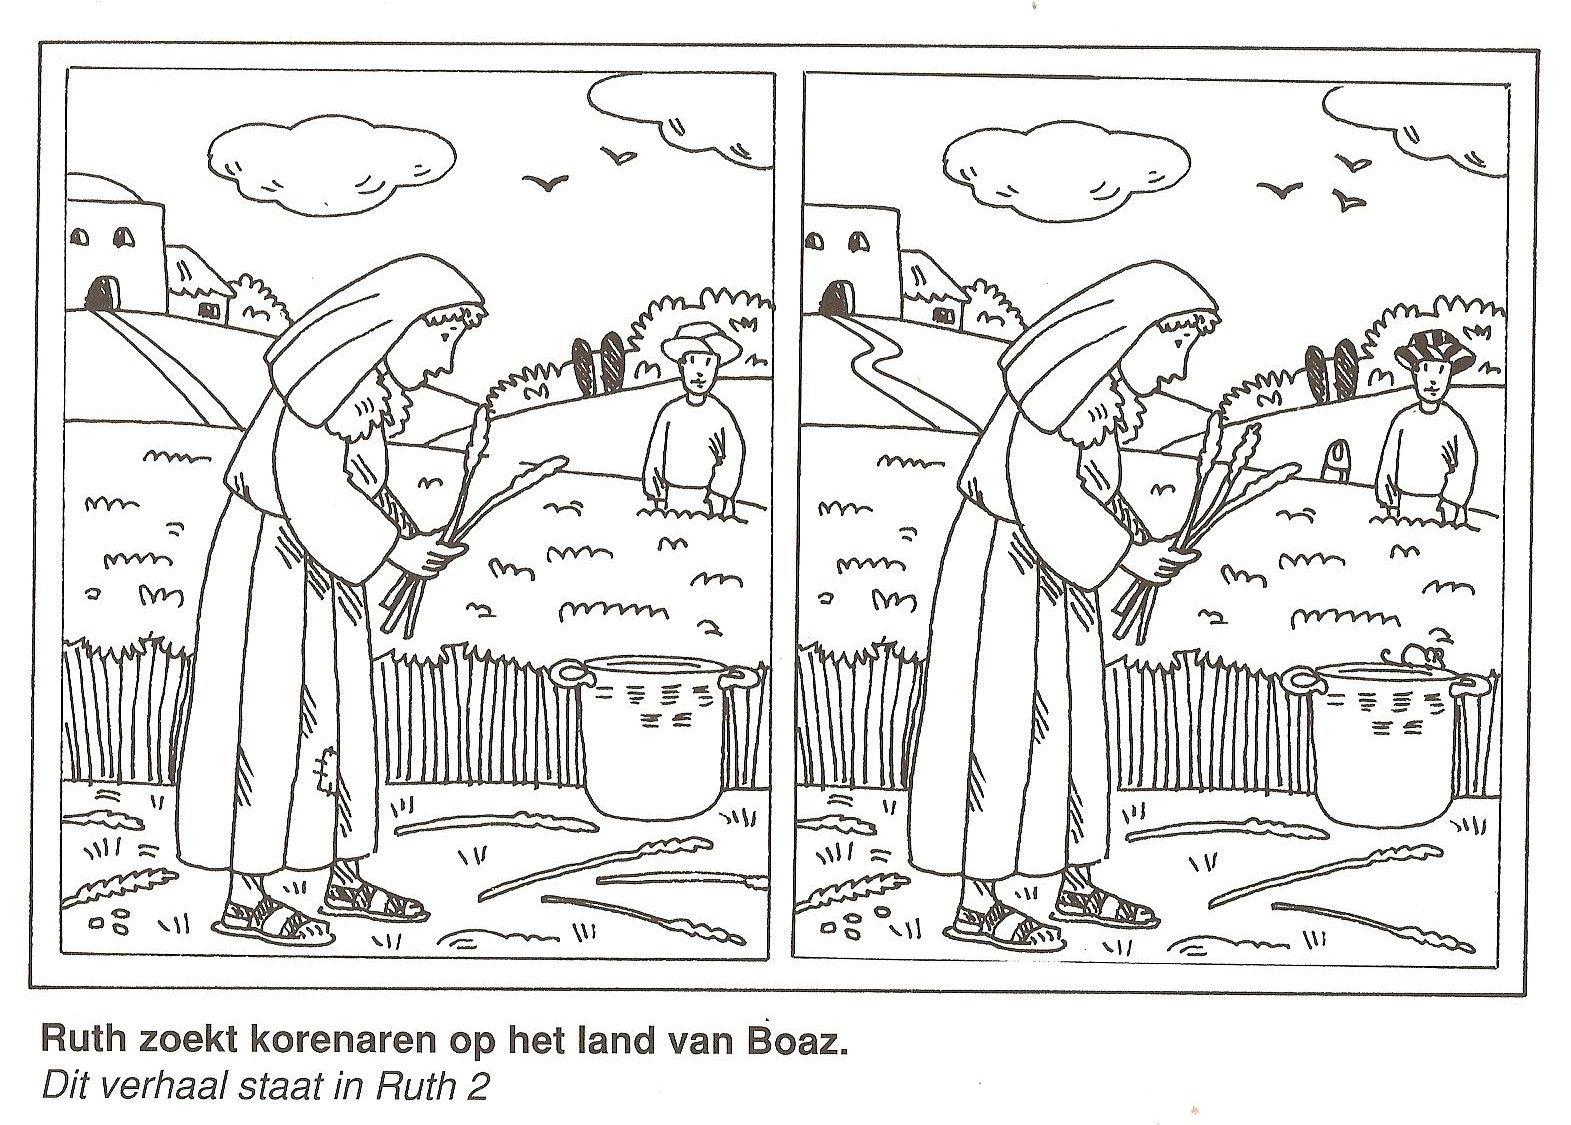 Ruth zoekt korenaren op het veld van Boaz zoek de 10